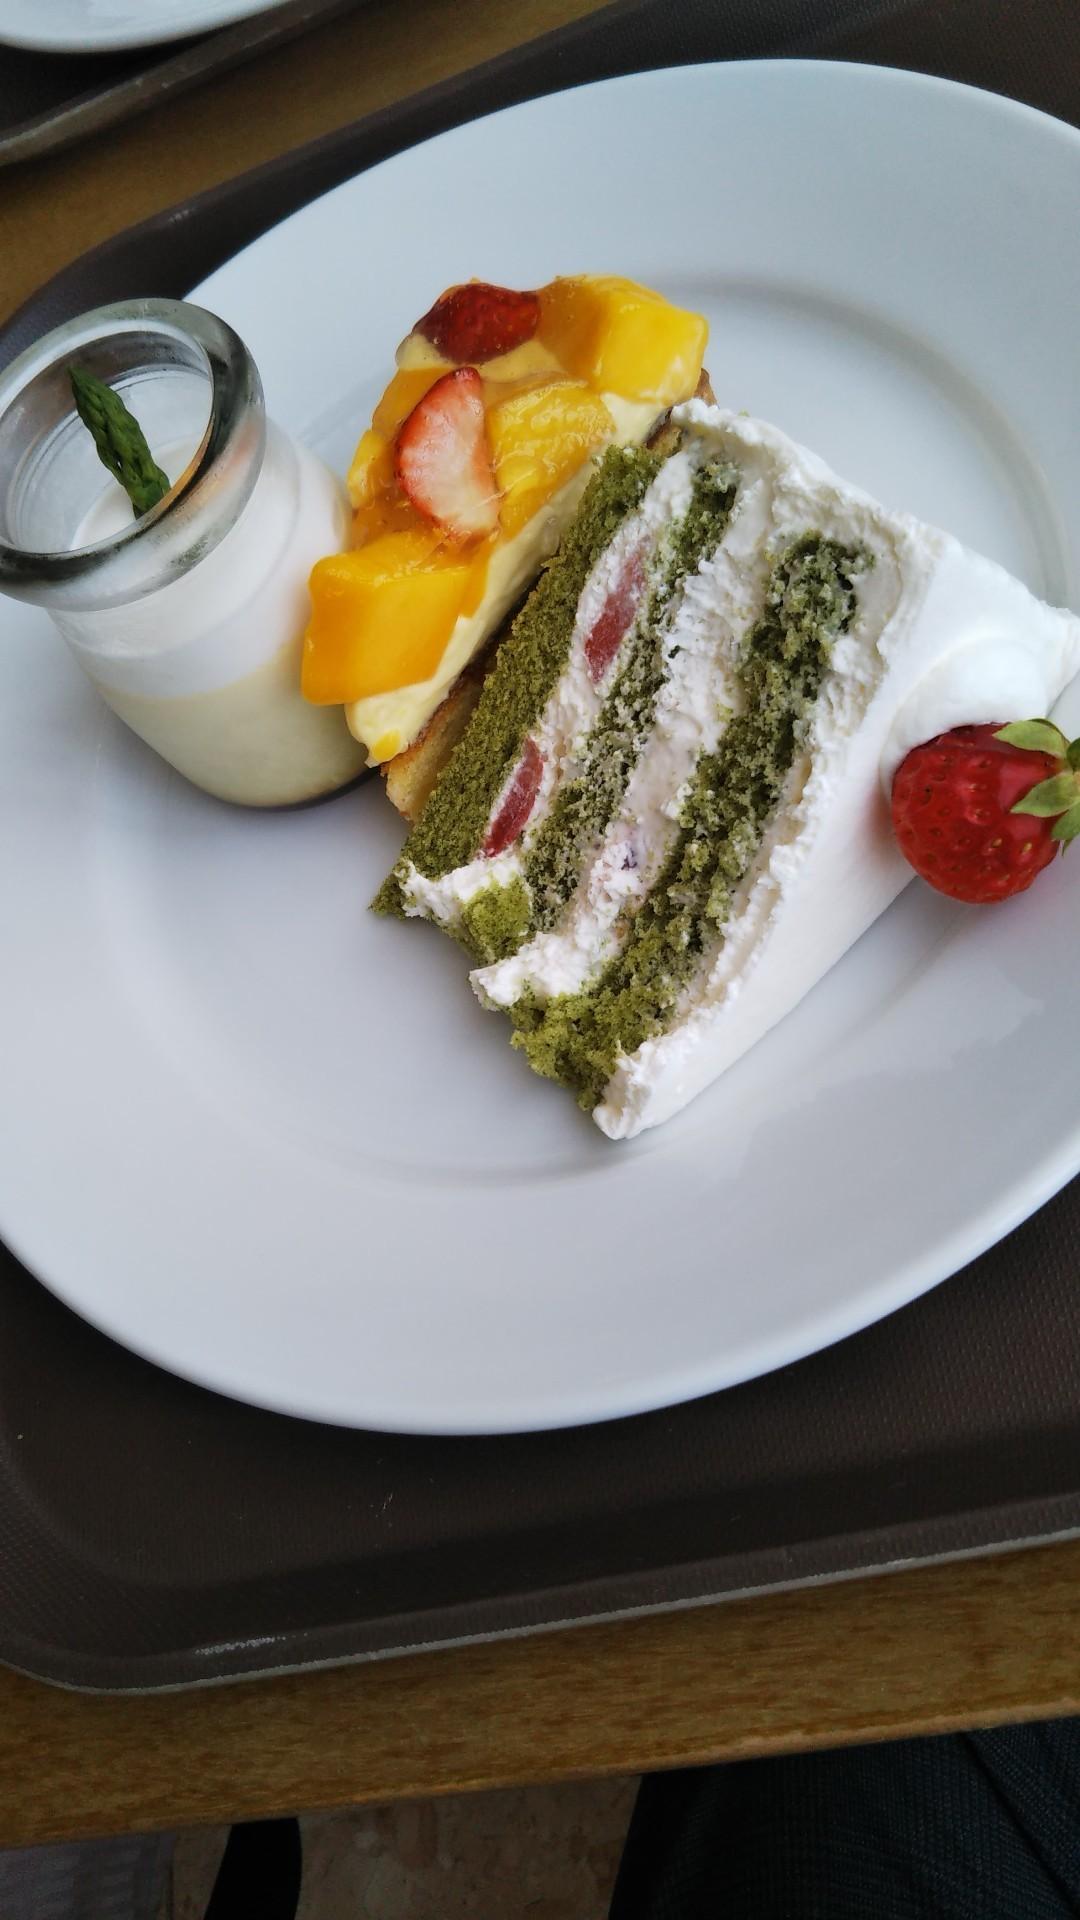 シャトレーゼ ガトーキングダムサッポロ ヴィーニュ Dessert Buffet~夏のべジスイーツフェア~_f0076001_23483988.jpg